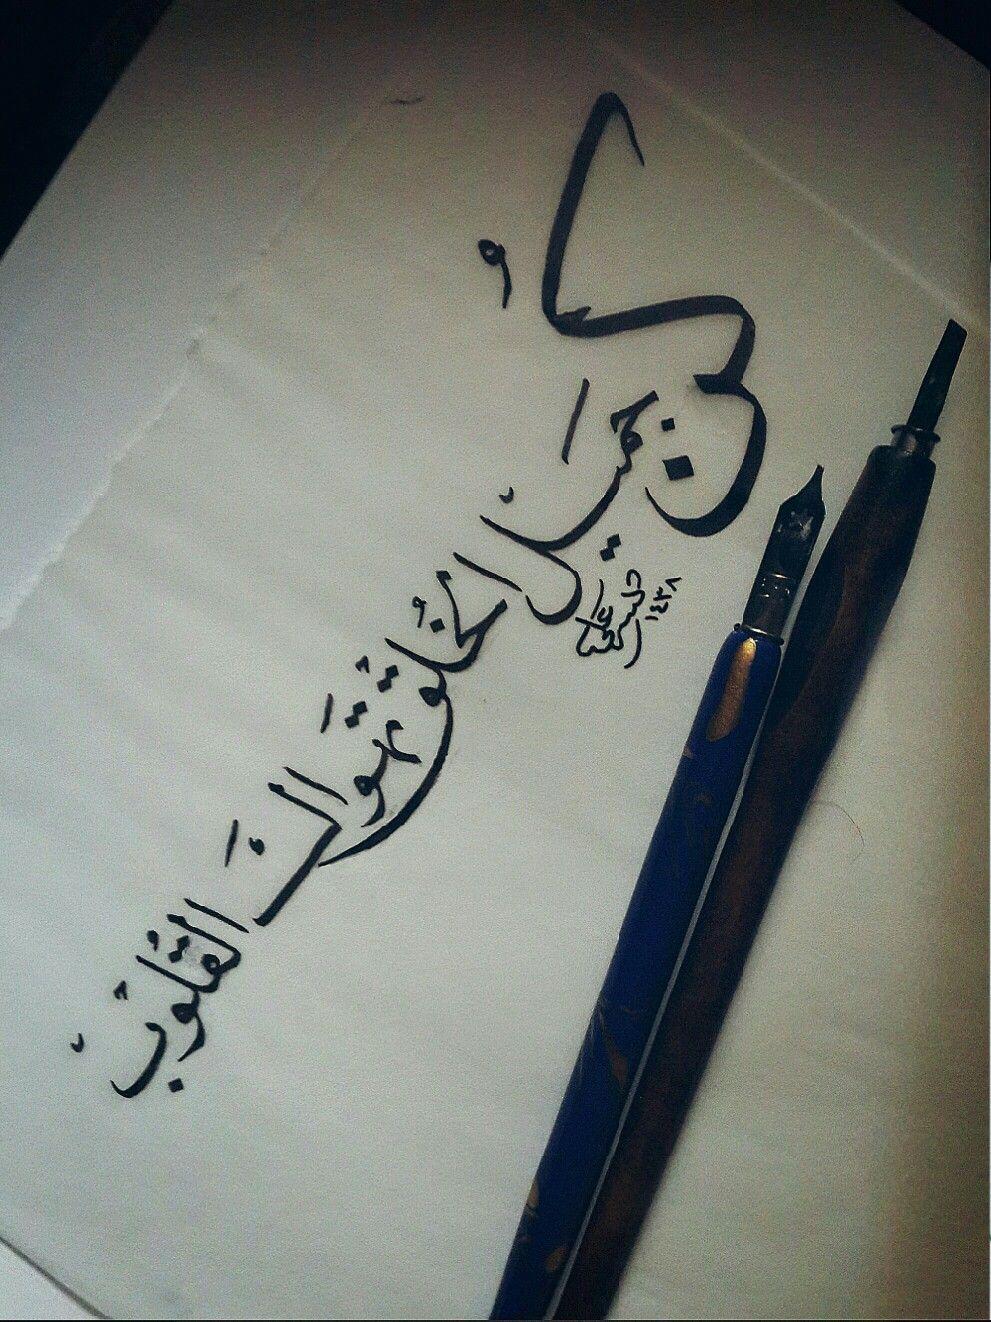 عبارات جميله Calligraphy Arabic Calligraphy Arabic